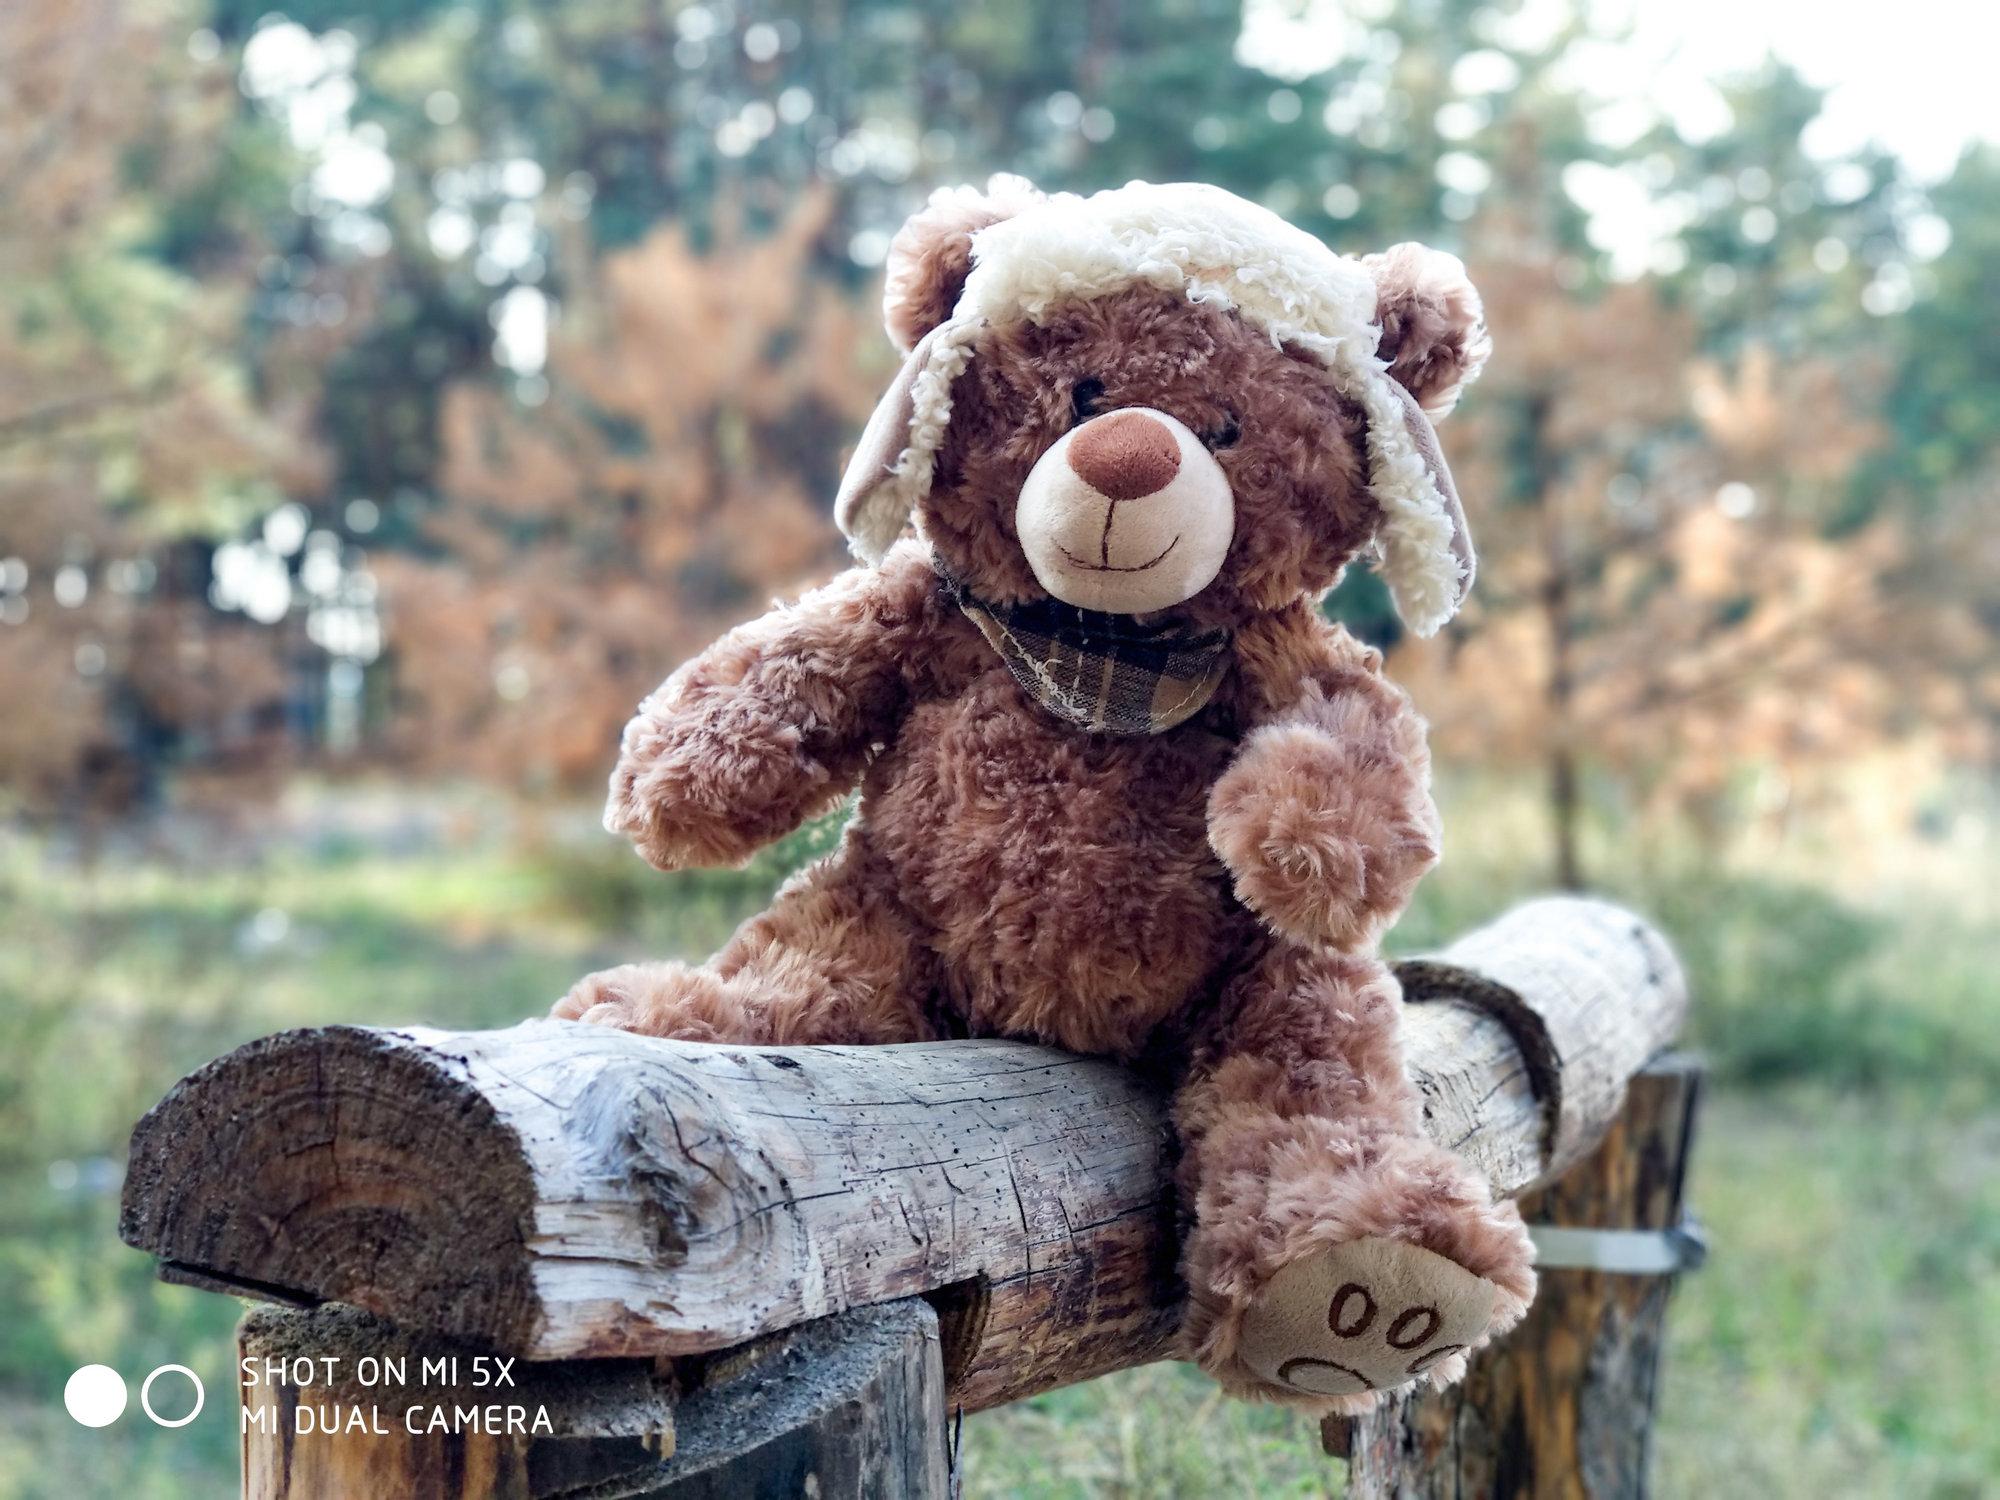 Медведь на бревне - пример фото на Xiaomi Mi 5x